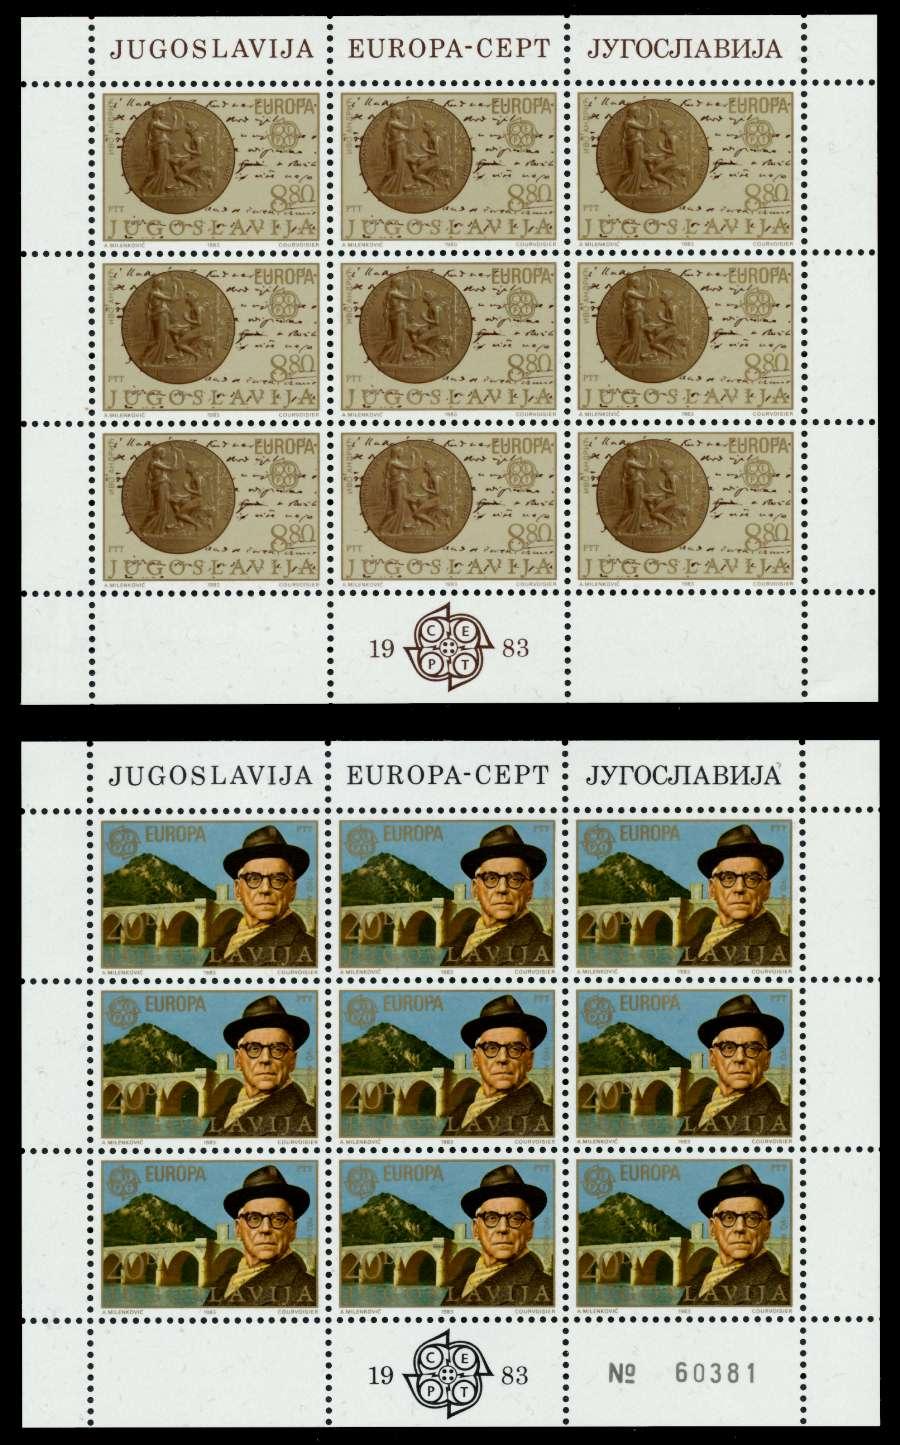 28940-yu-1984-1985KB.JPG?PIC